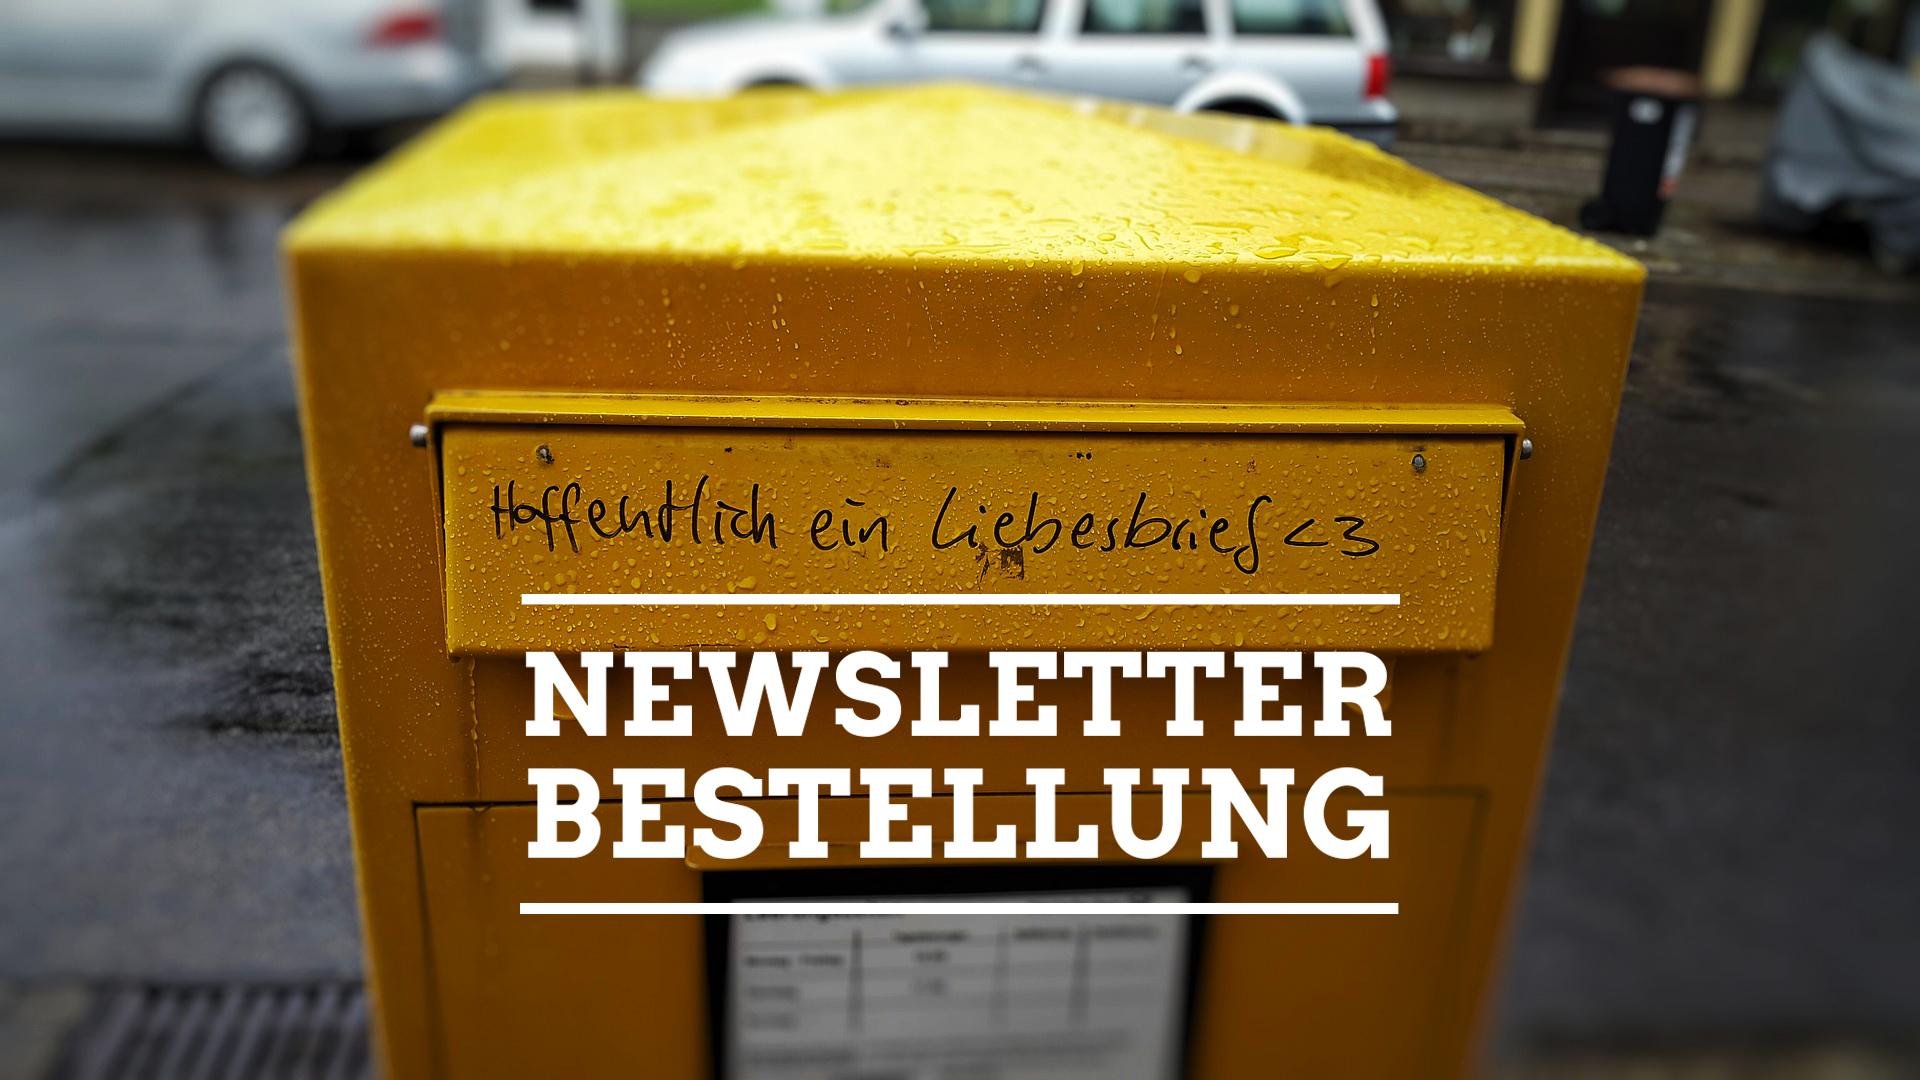 Immer up-to-date bleiben mit unserem Newsletter!